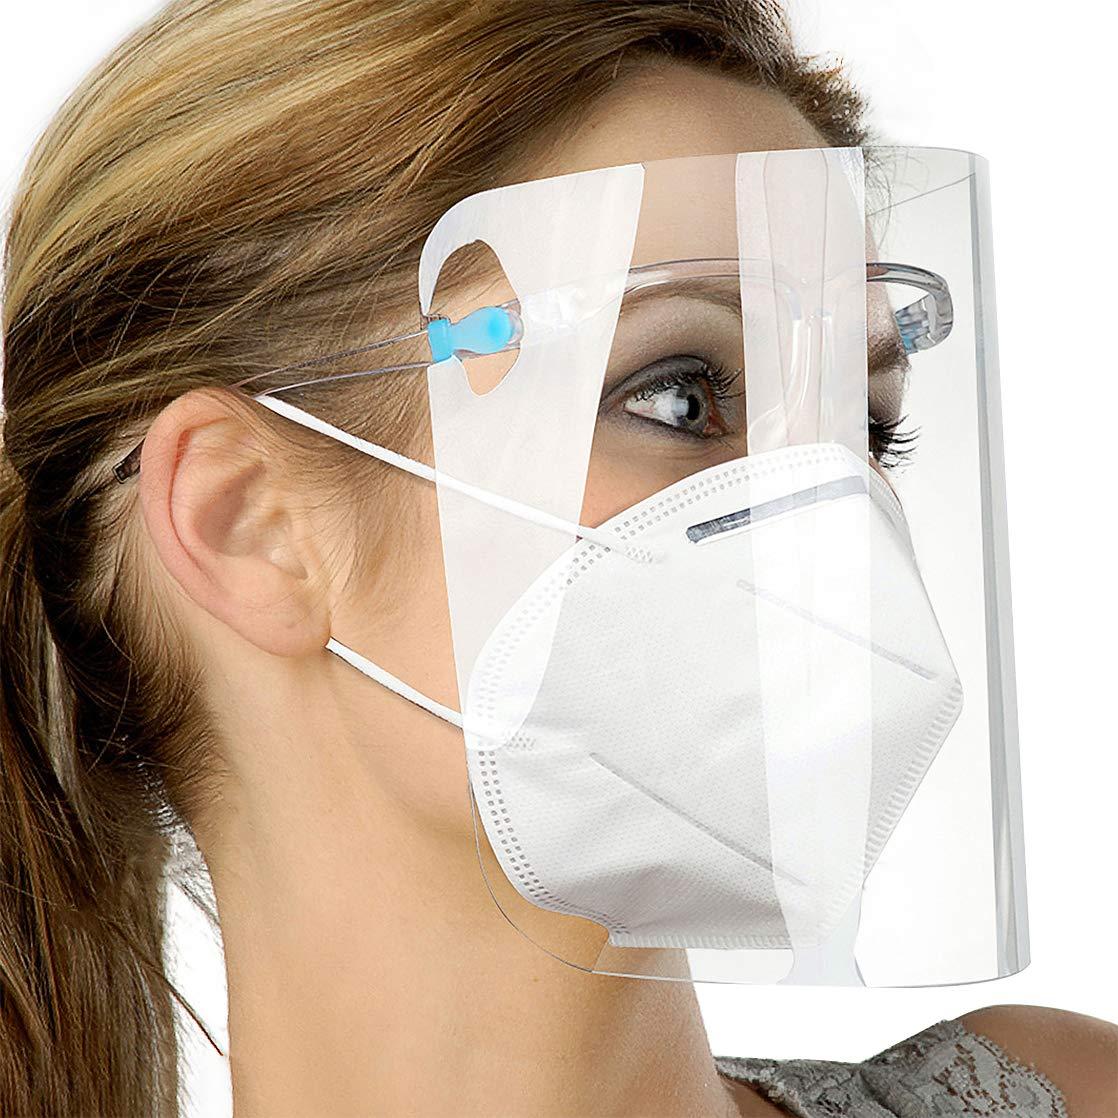 12 piezas de visera y 6 piezas de gafas de protecci/ón de seguridad anti-saliva para hombres y mujeres Pantalla de protecci/ón facial transparente